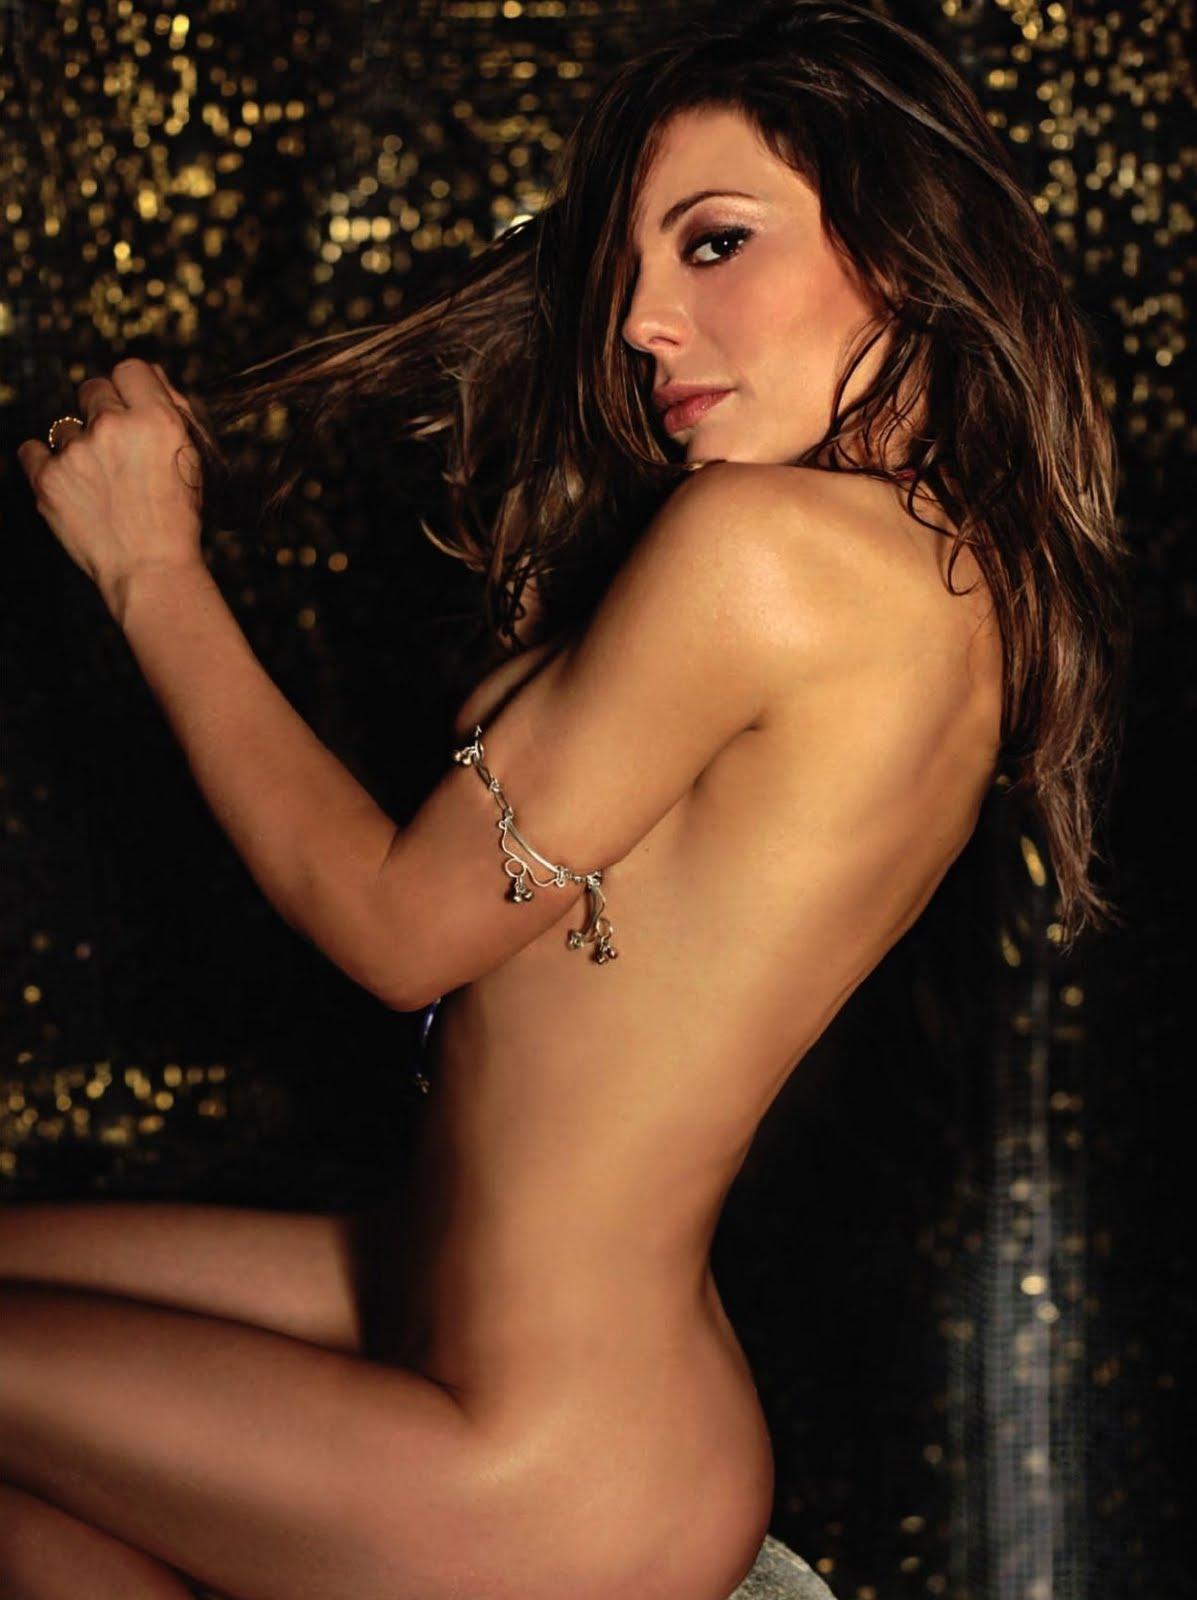 http://1.bp.blogspot.com/--OmgKuC6EwM/TfRI8H2Y86I/AAAAAAAAdS8/l2JFcH3KcZ4/s1600/265035901_Playboy_2011_06_Italy_Scanof_net_074_123_550lo.jpg